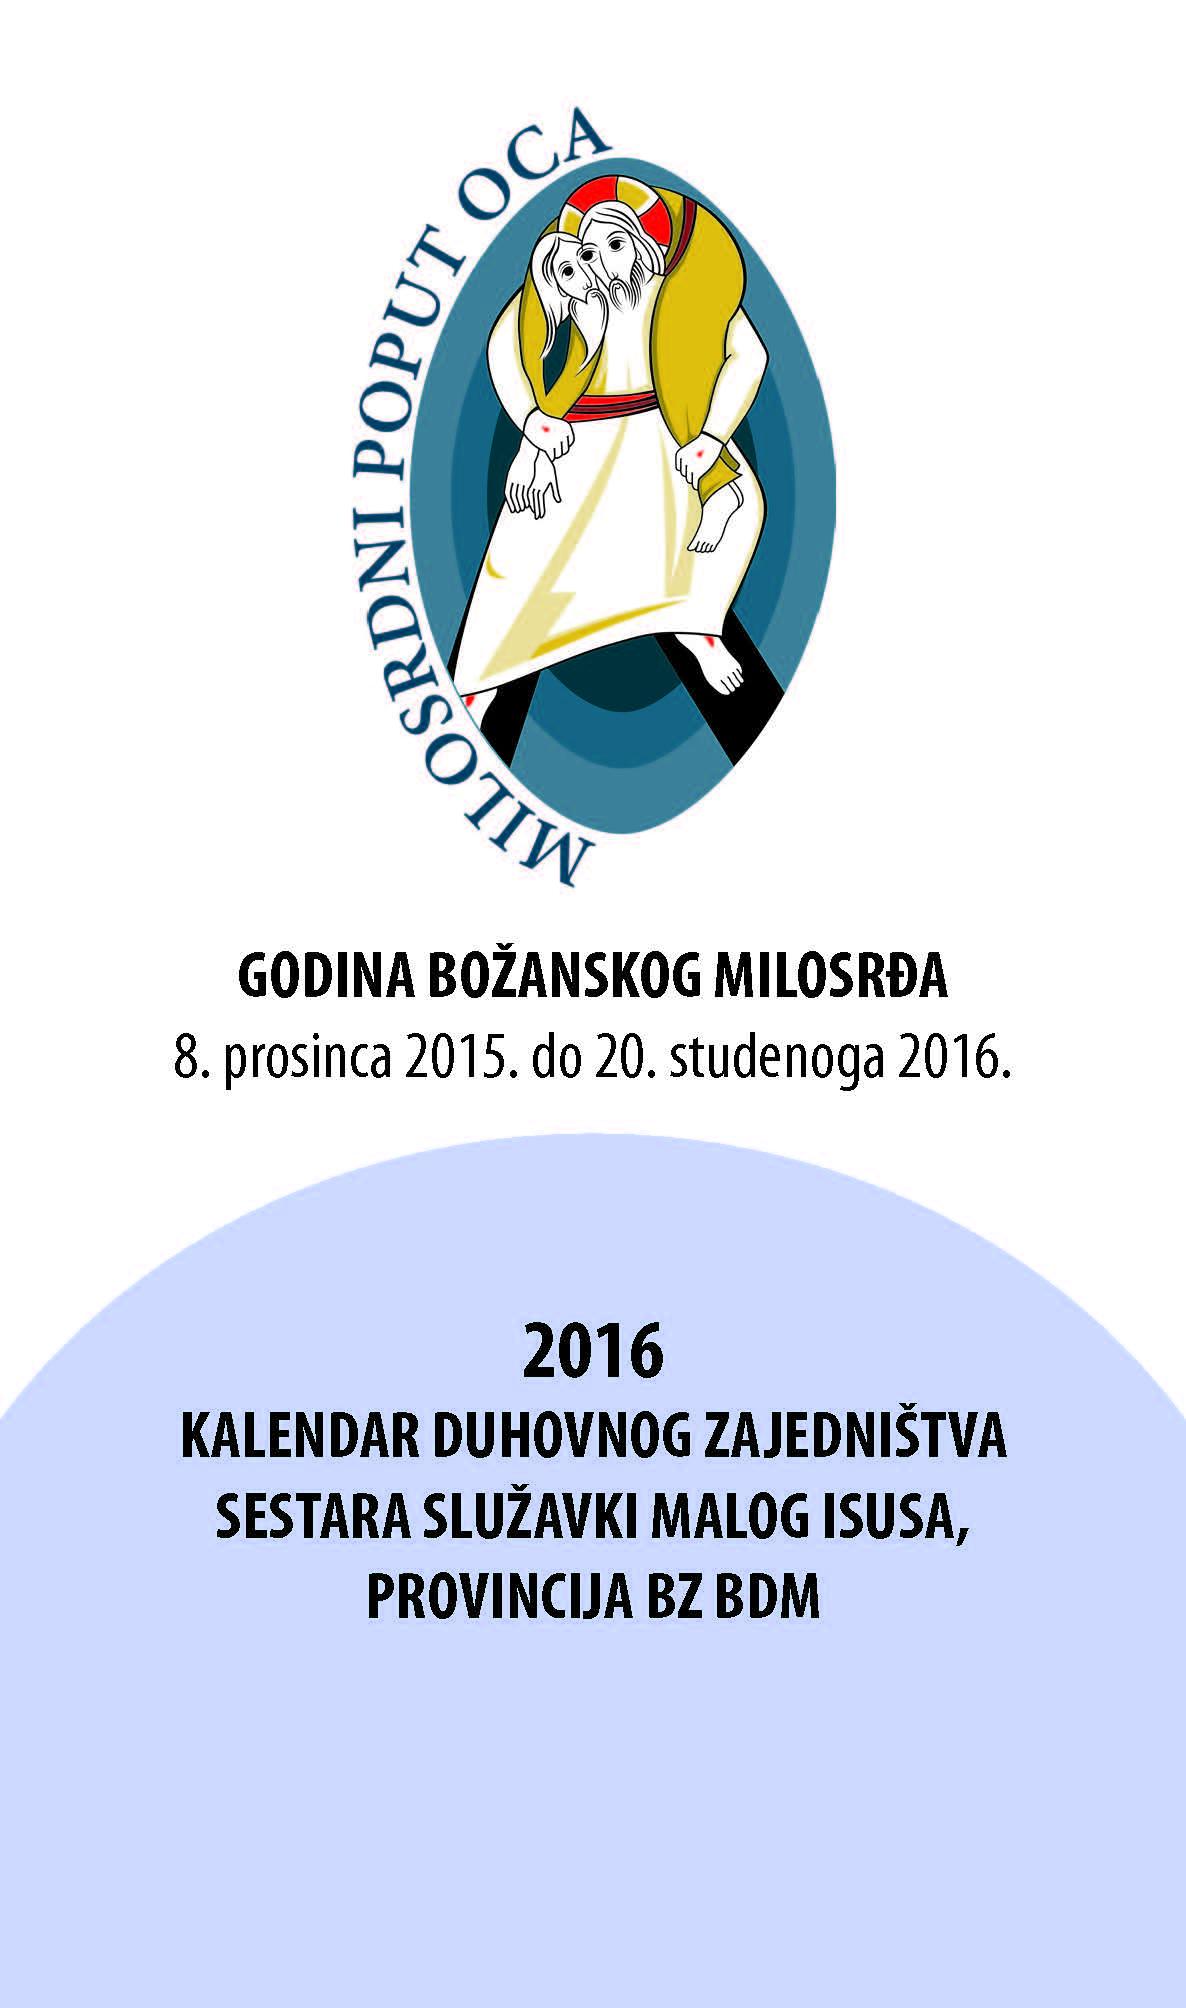 Kalendar duhovnog zajedništva sestara SMI (2016.)